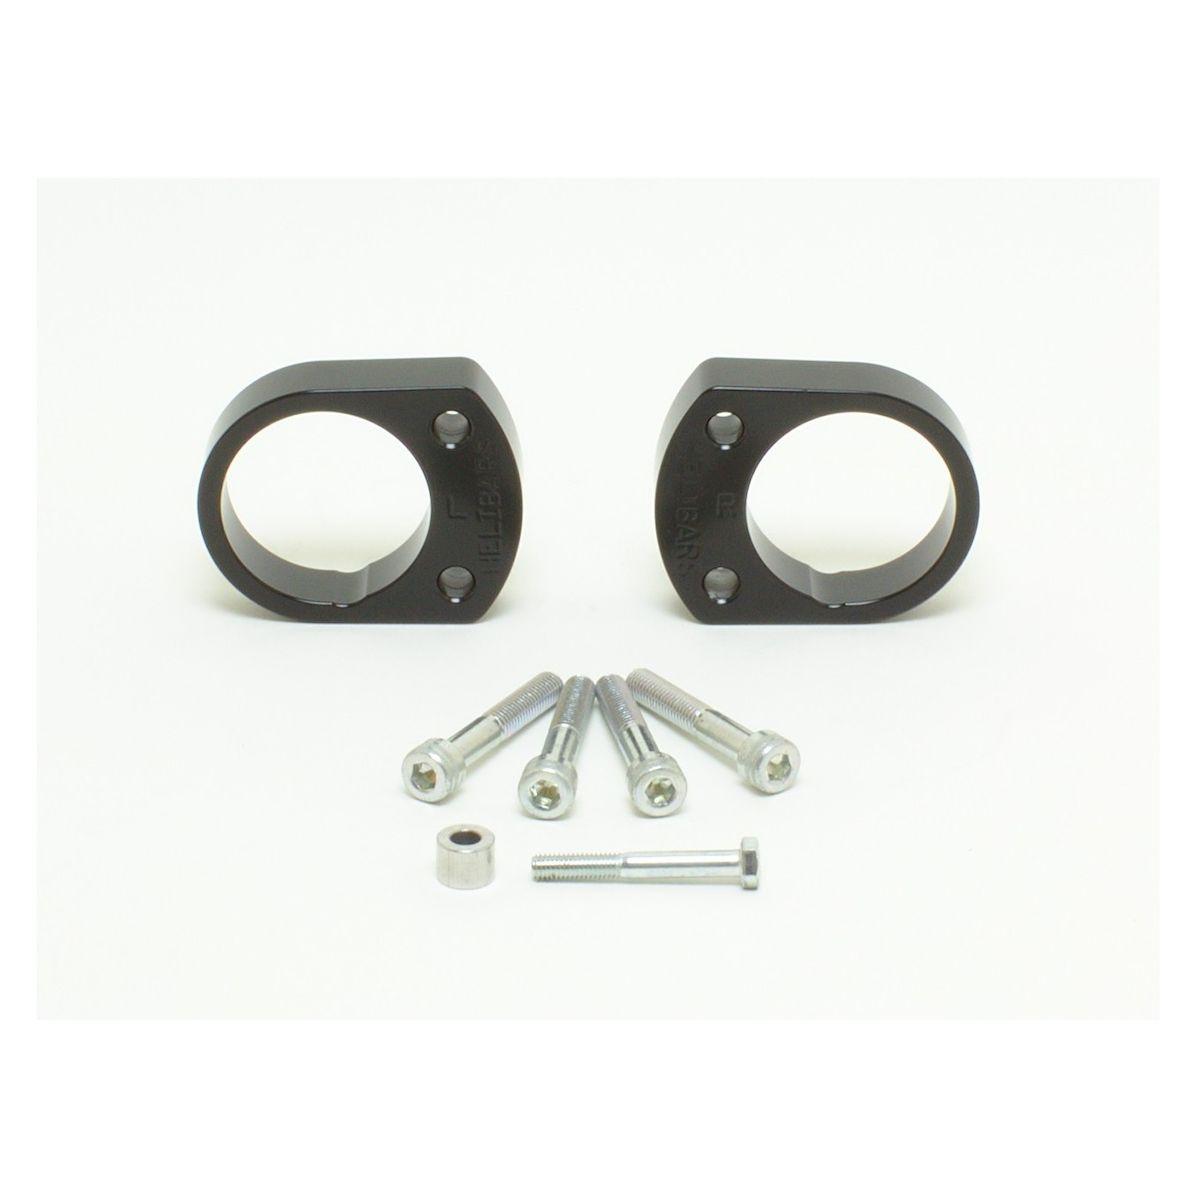 Air /& Oil filter to fit KAWASAKI ZX ZX14  ZX-14 Ninja      2006 to 2012